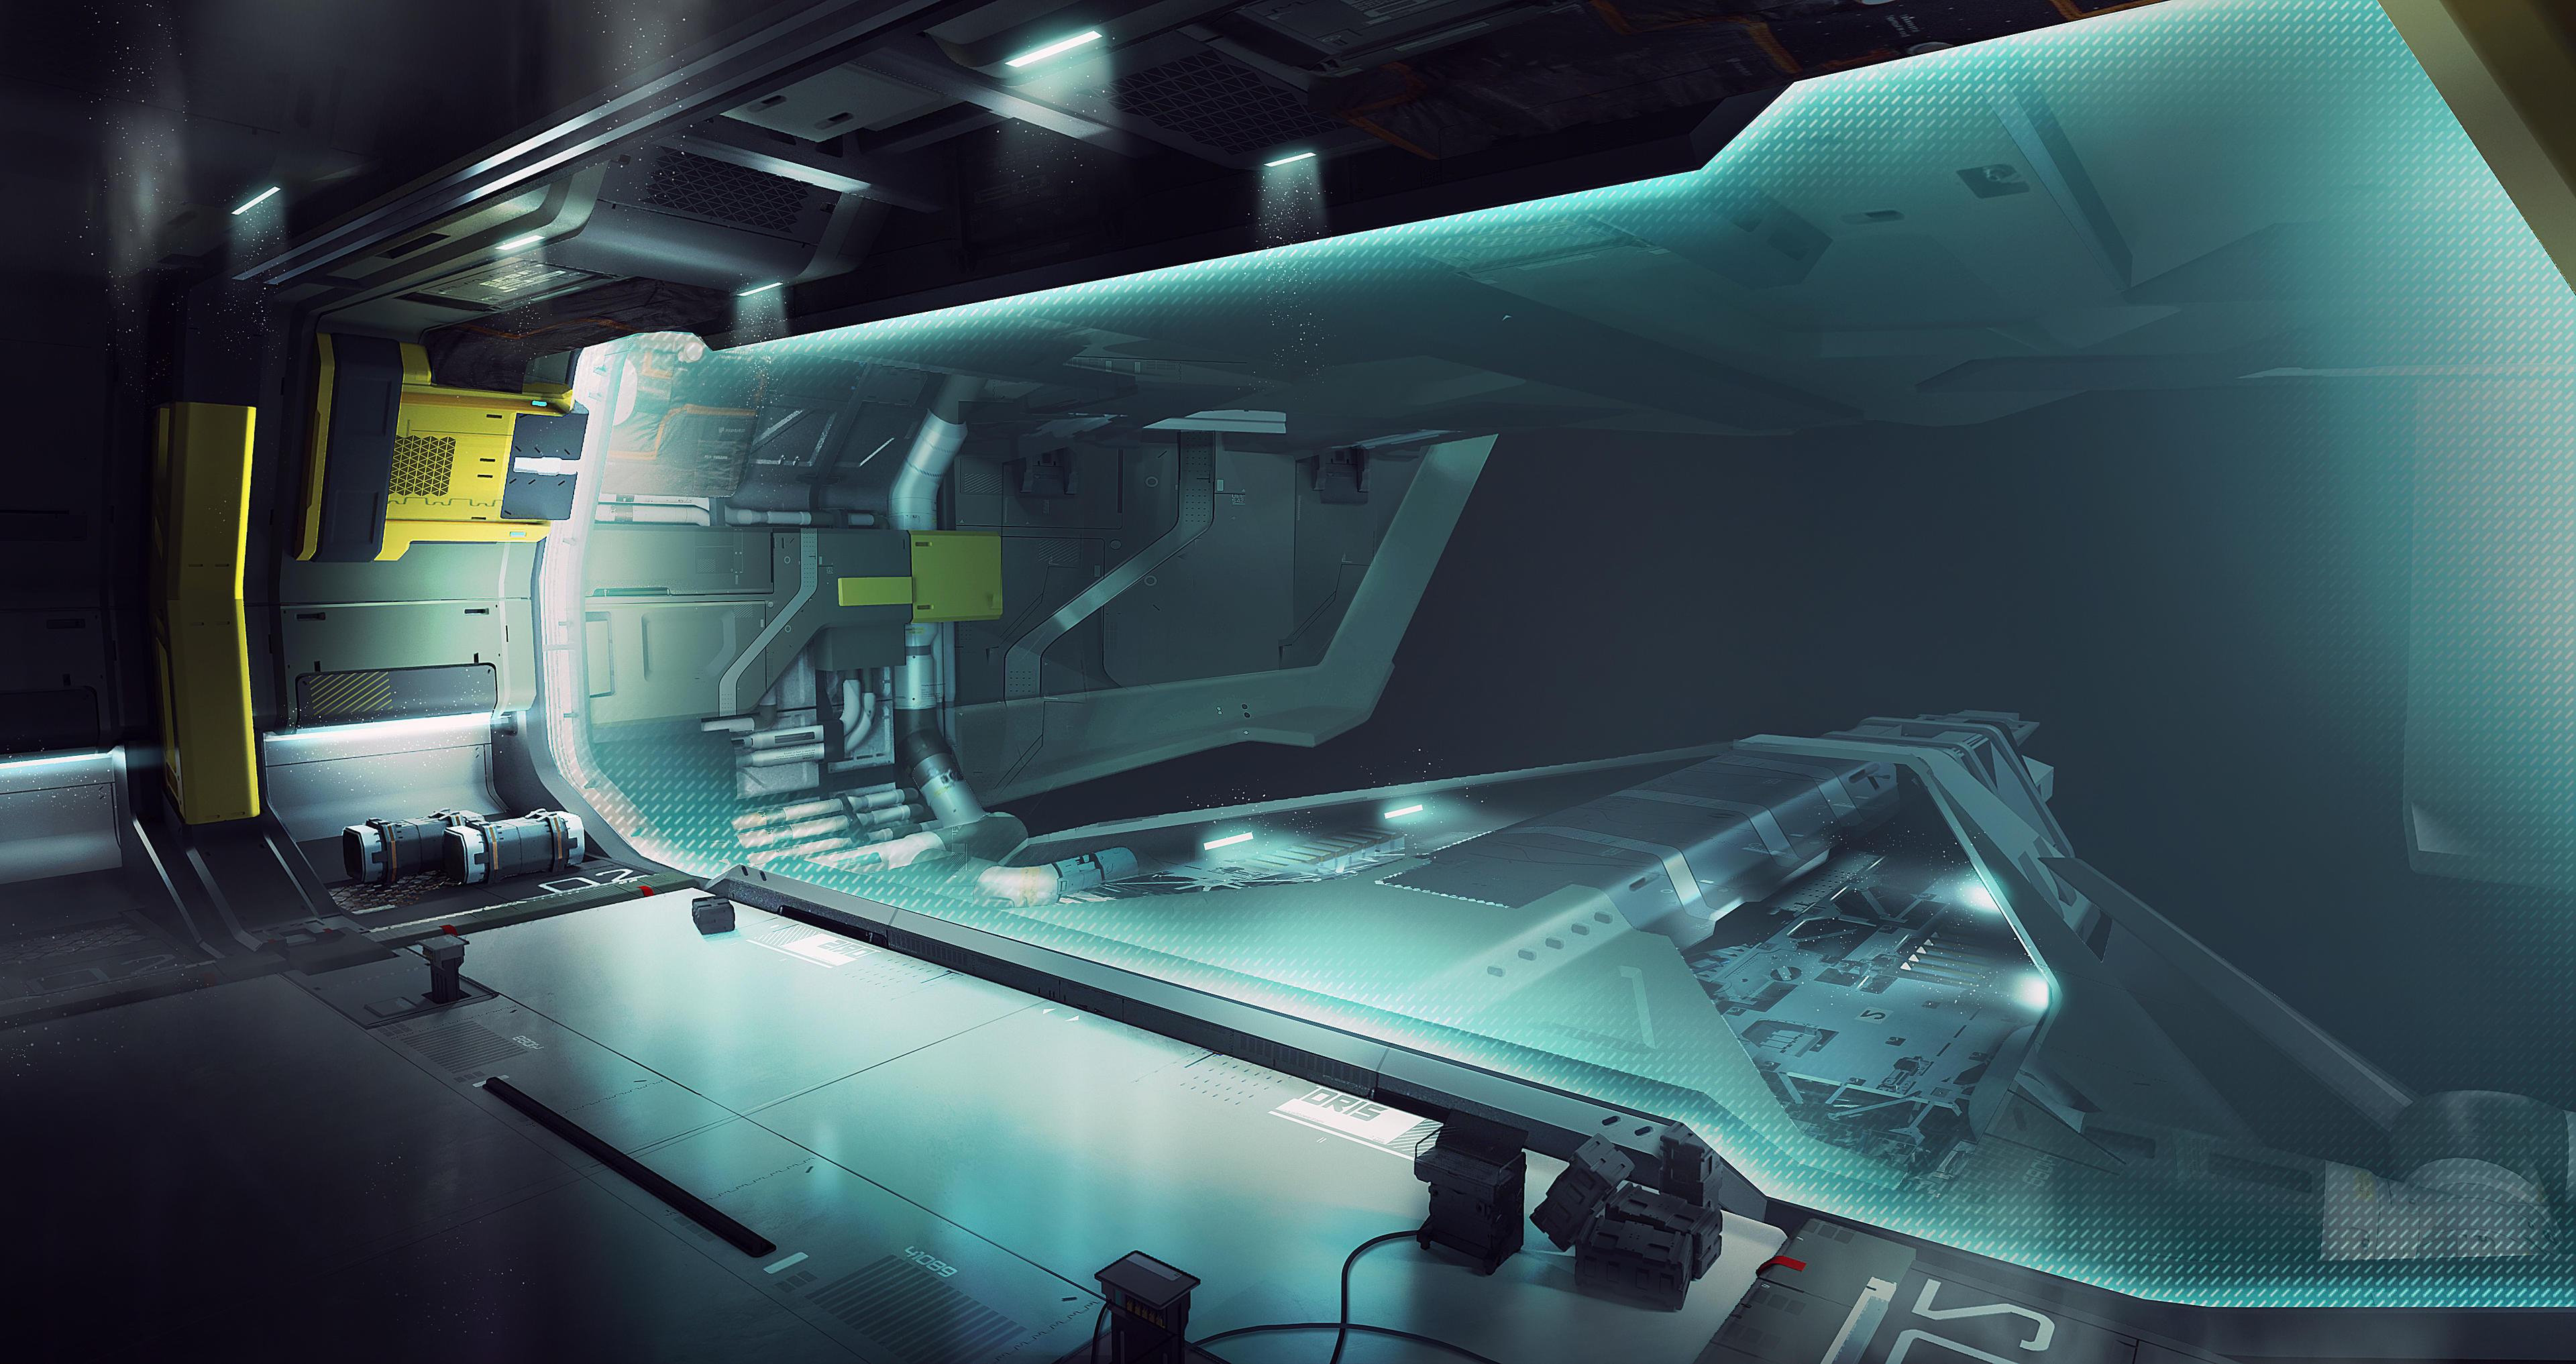 Idris wylot hangaru pole siłowe